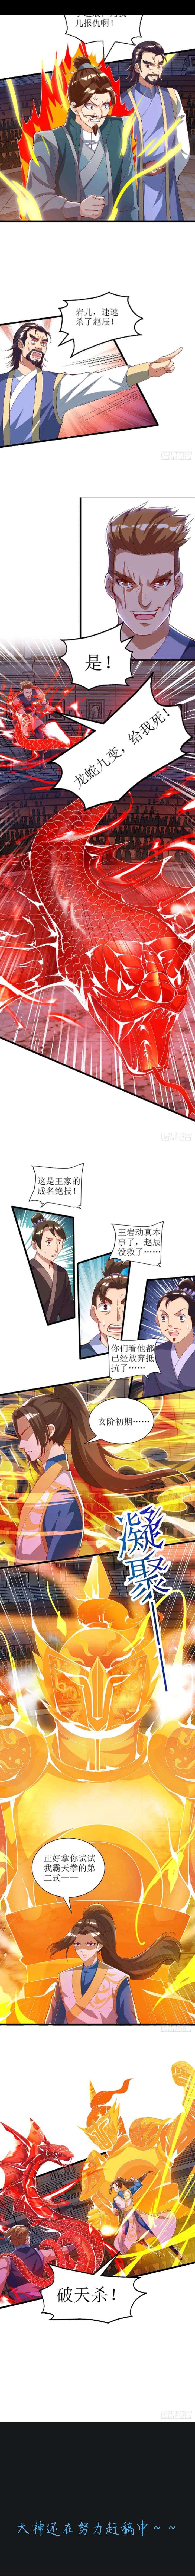 【漫画更新】主宰三界